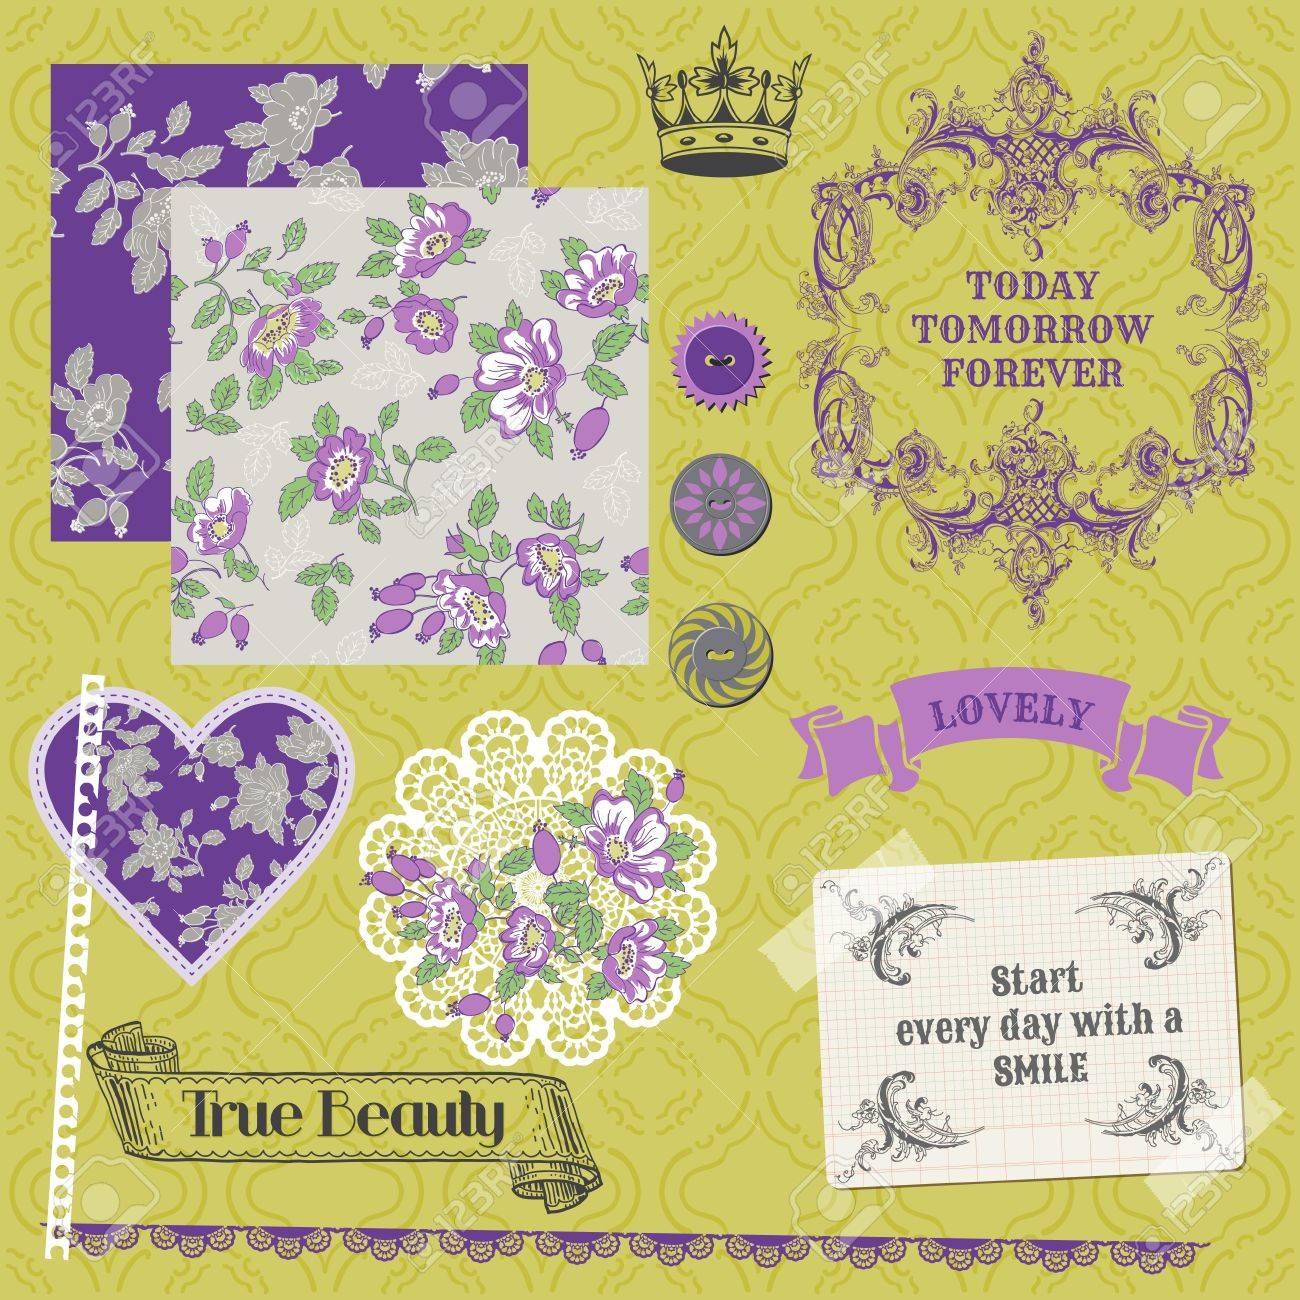 Scrapbook Design Elements - Vintage Violet Roses Stock Vector - 17919026